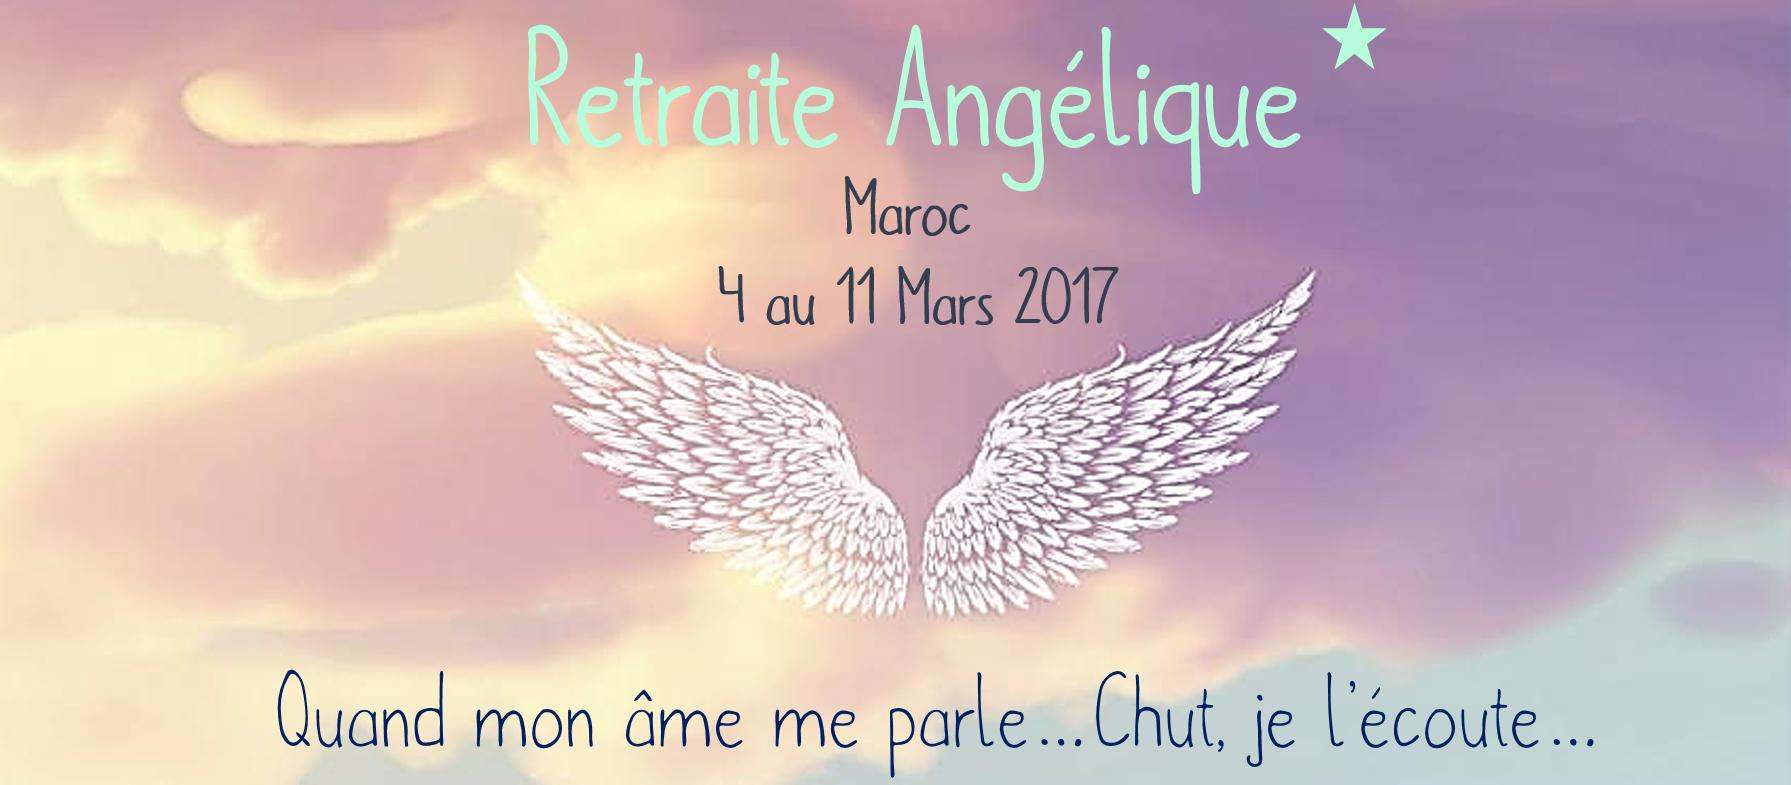 Retraite angélique